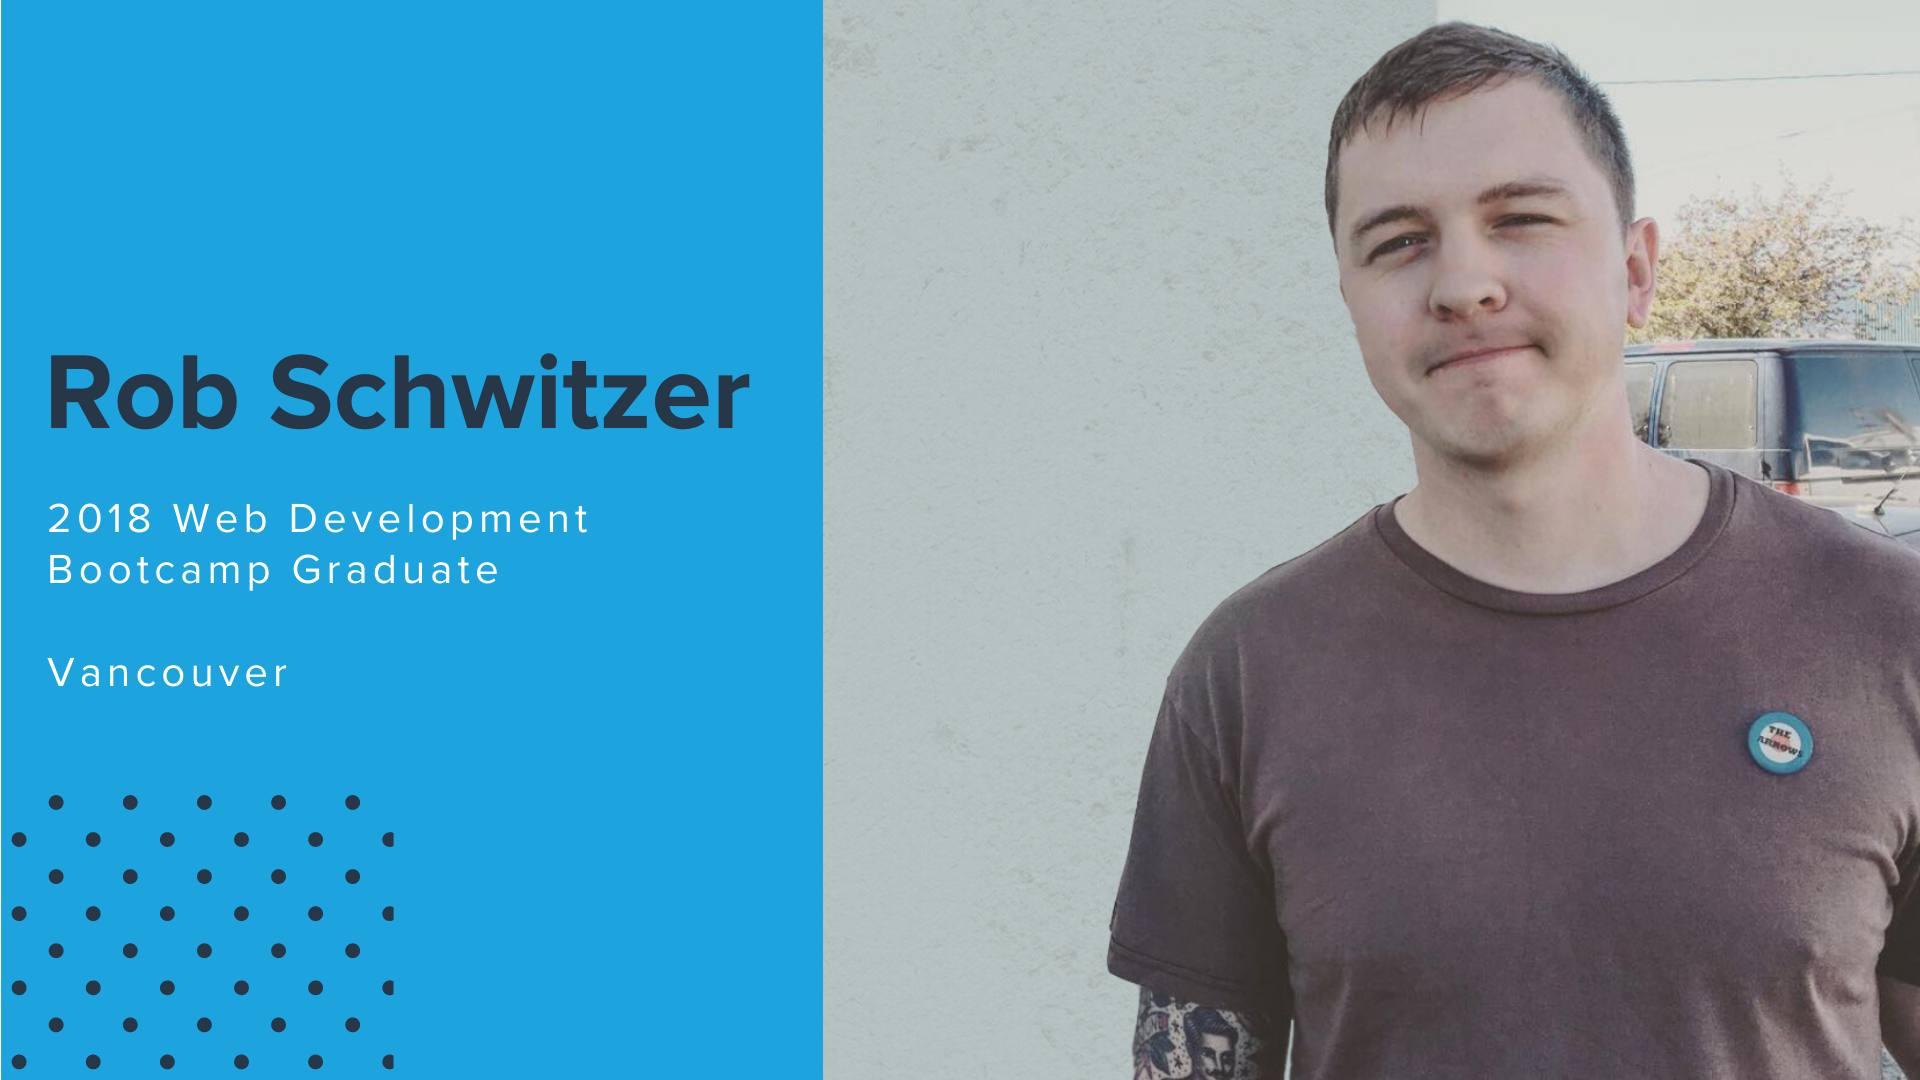 Rob Schwitzer